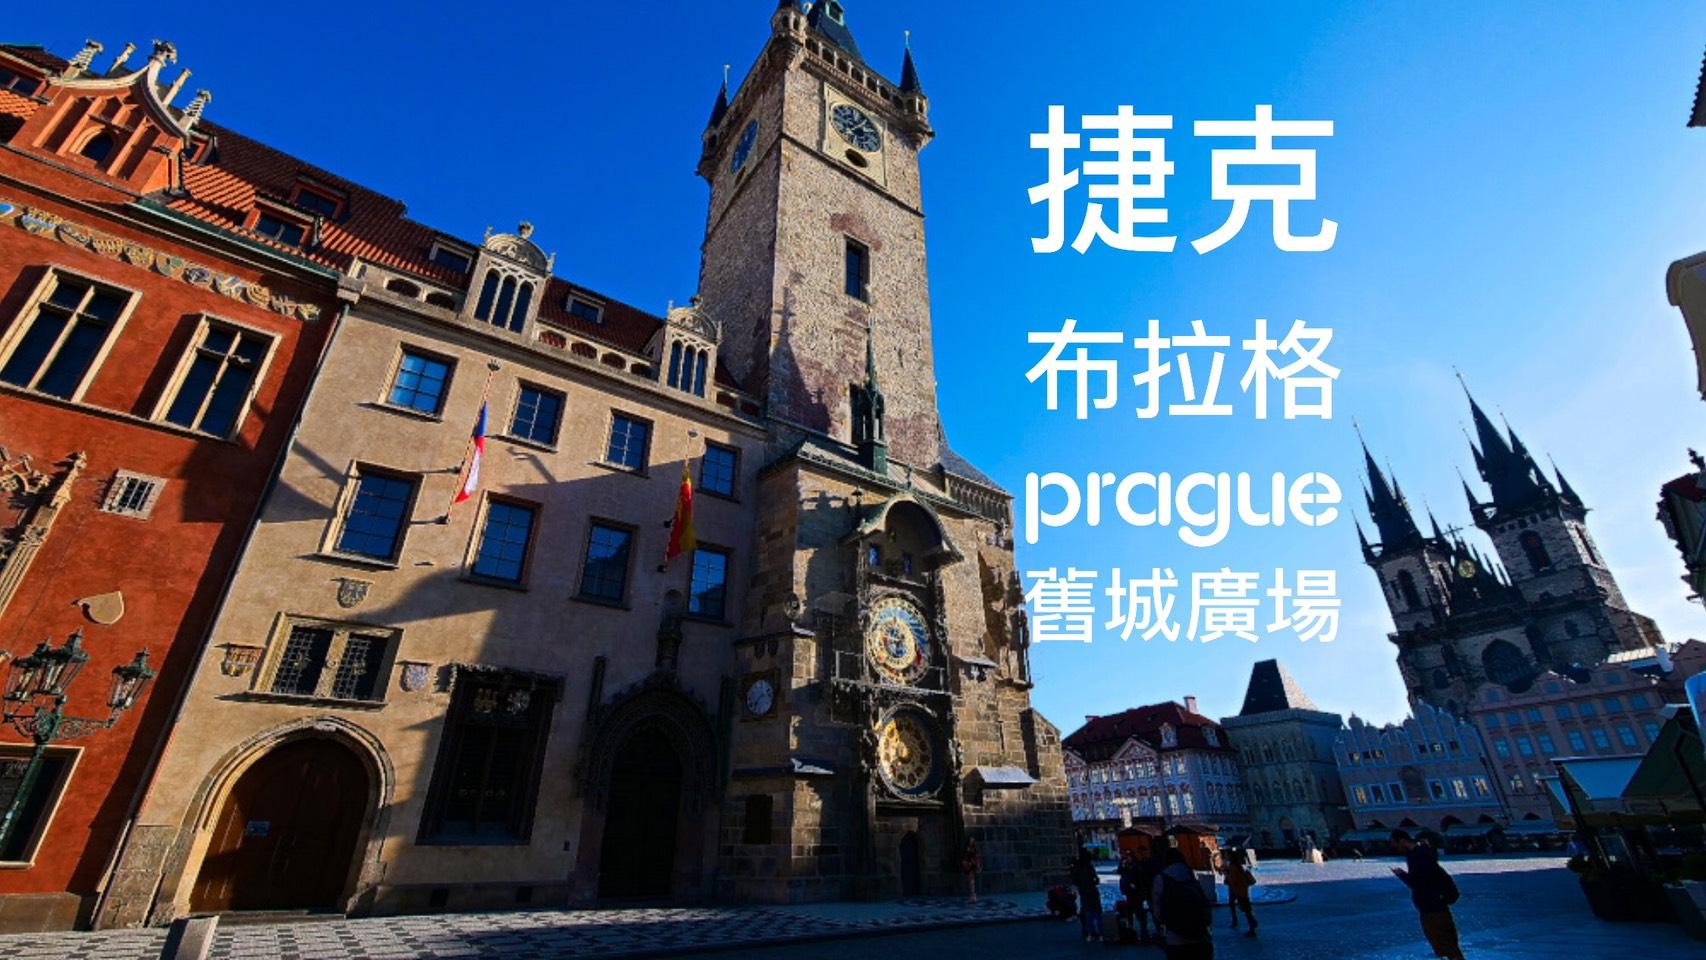 捷克 ▪布拉格PRAGUE🔶 舊城廣場 六個地標打卡點 布拉格天文鐘、一分鐘屋 、舊城廣場、老城的清晨最美 住宿 I